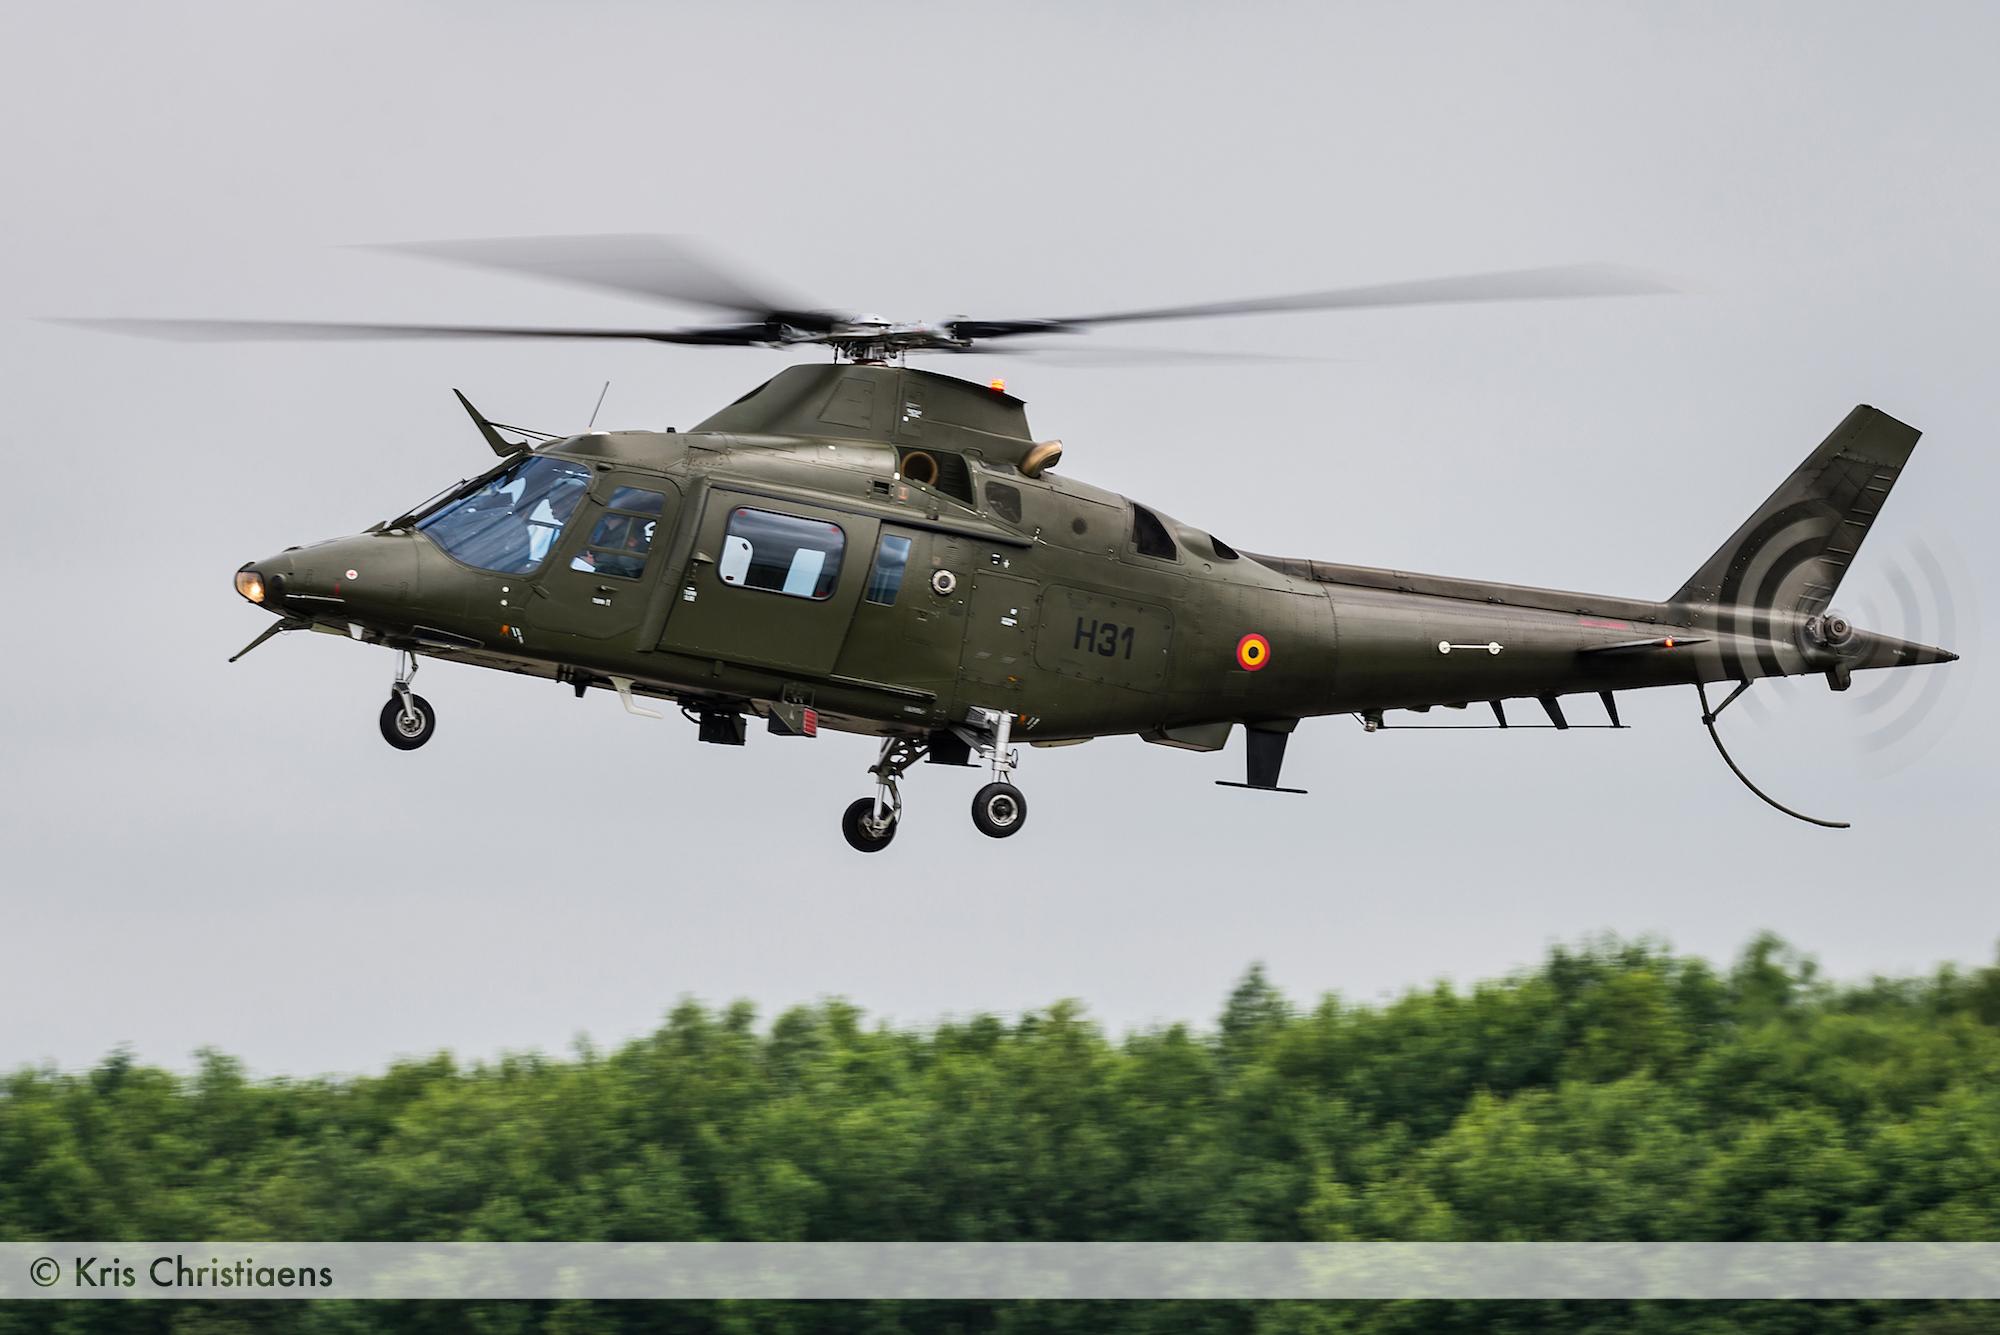 AgustaWestland A-109 Hirundo